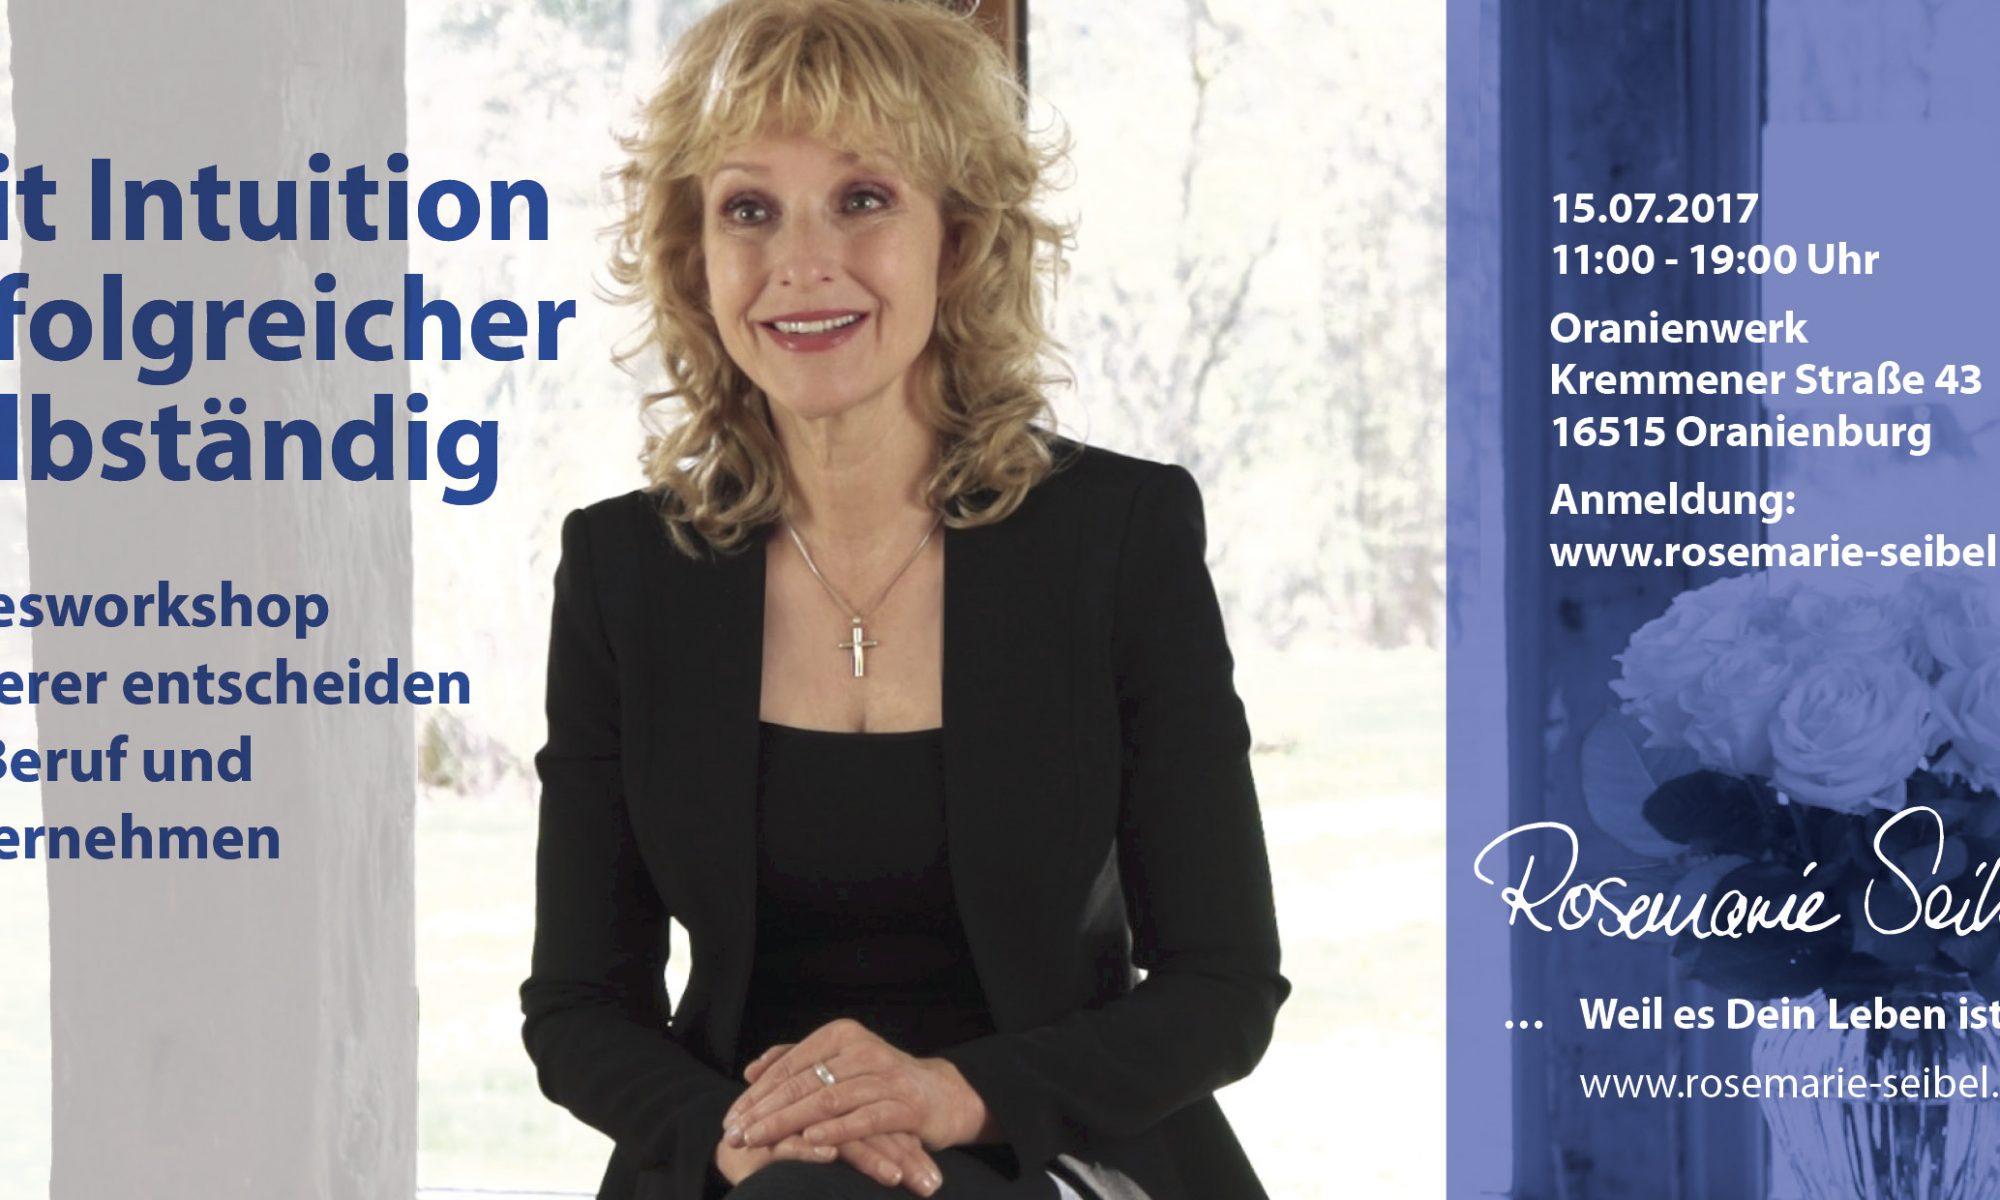 Rosemarie Seibel: Mit Intuition erfolgreicher sebständig